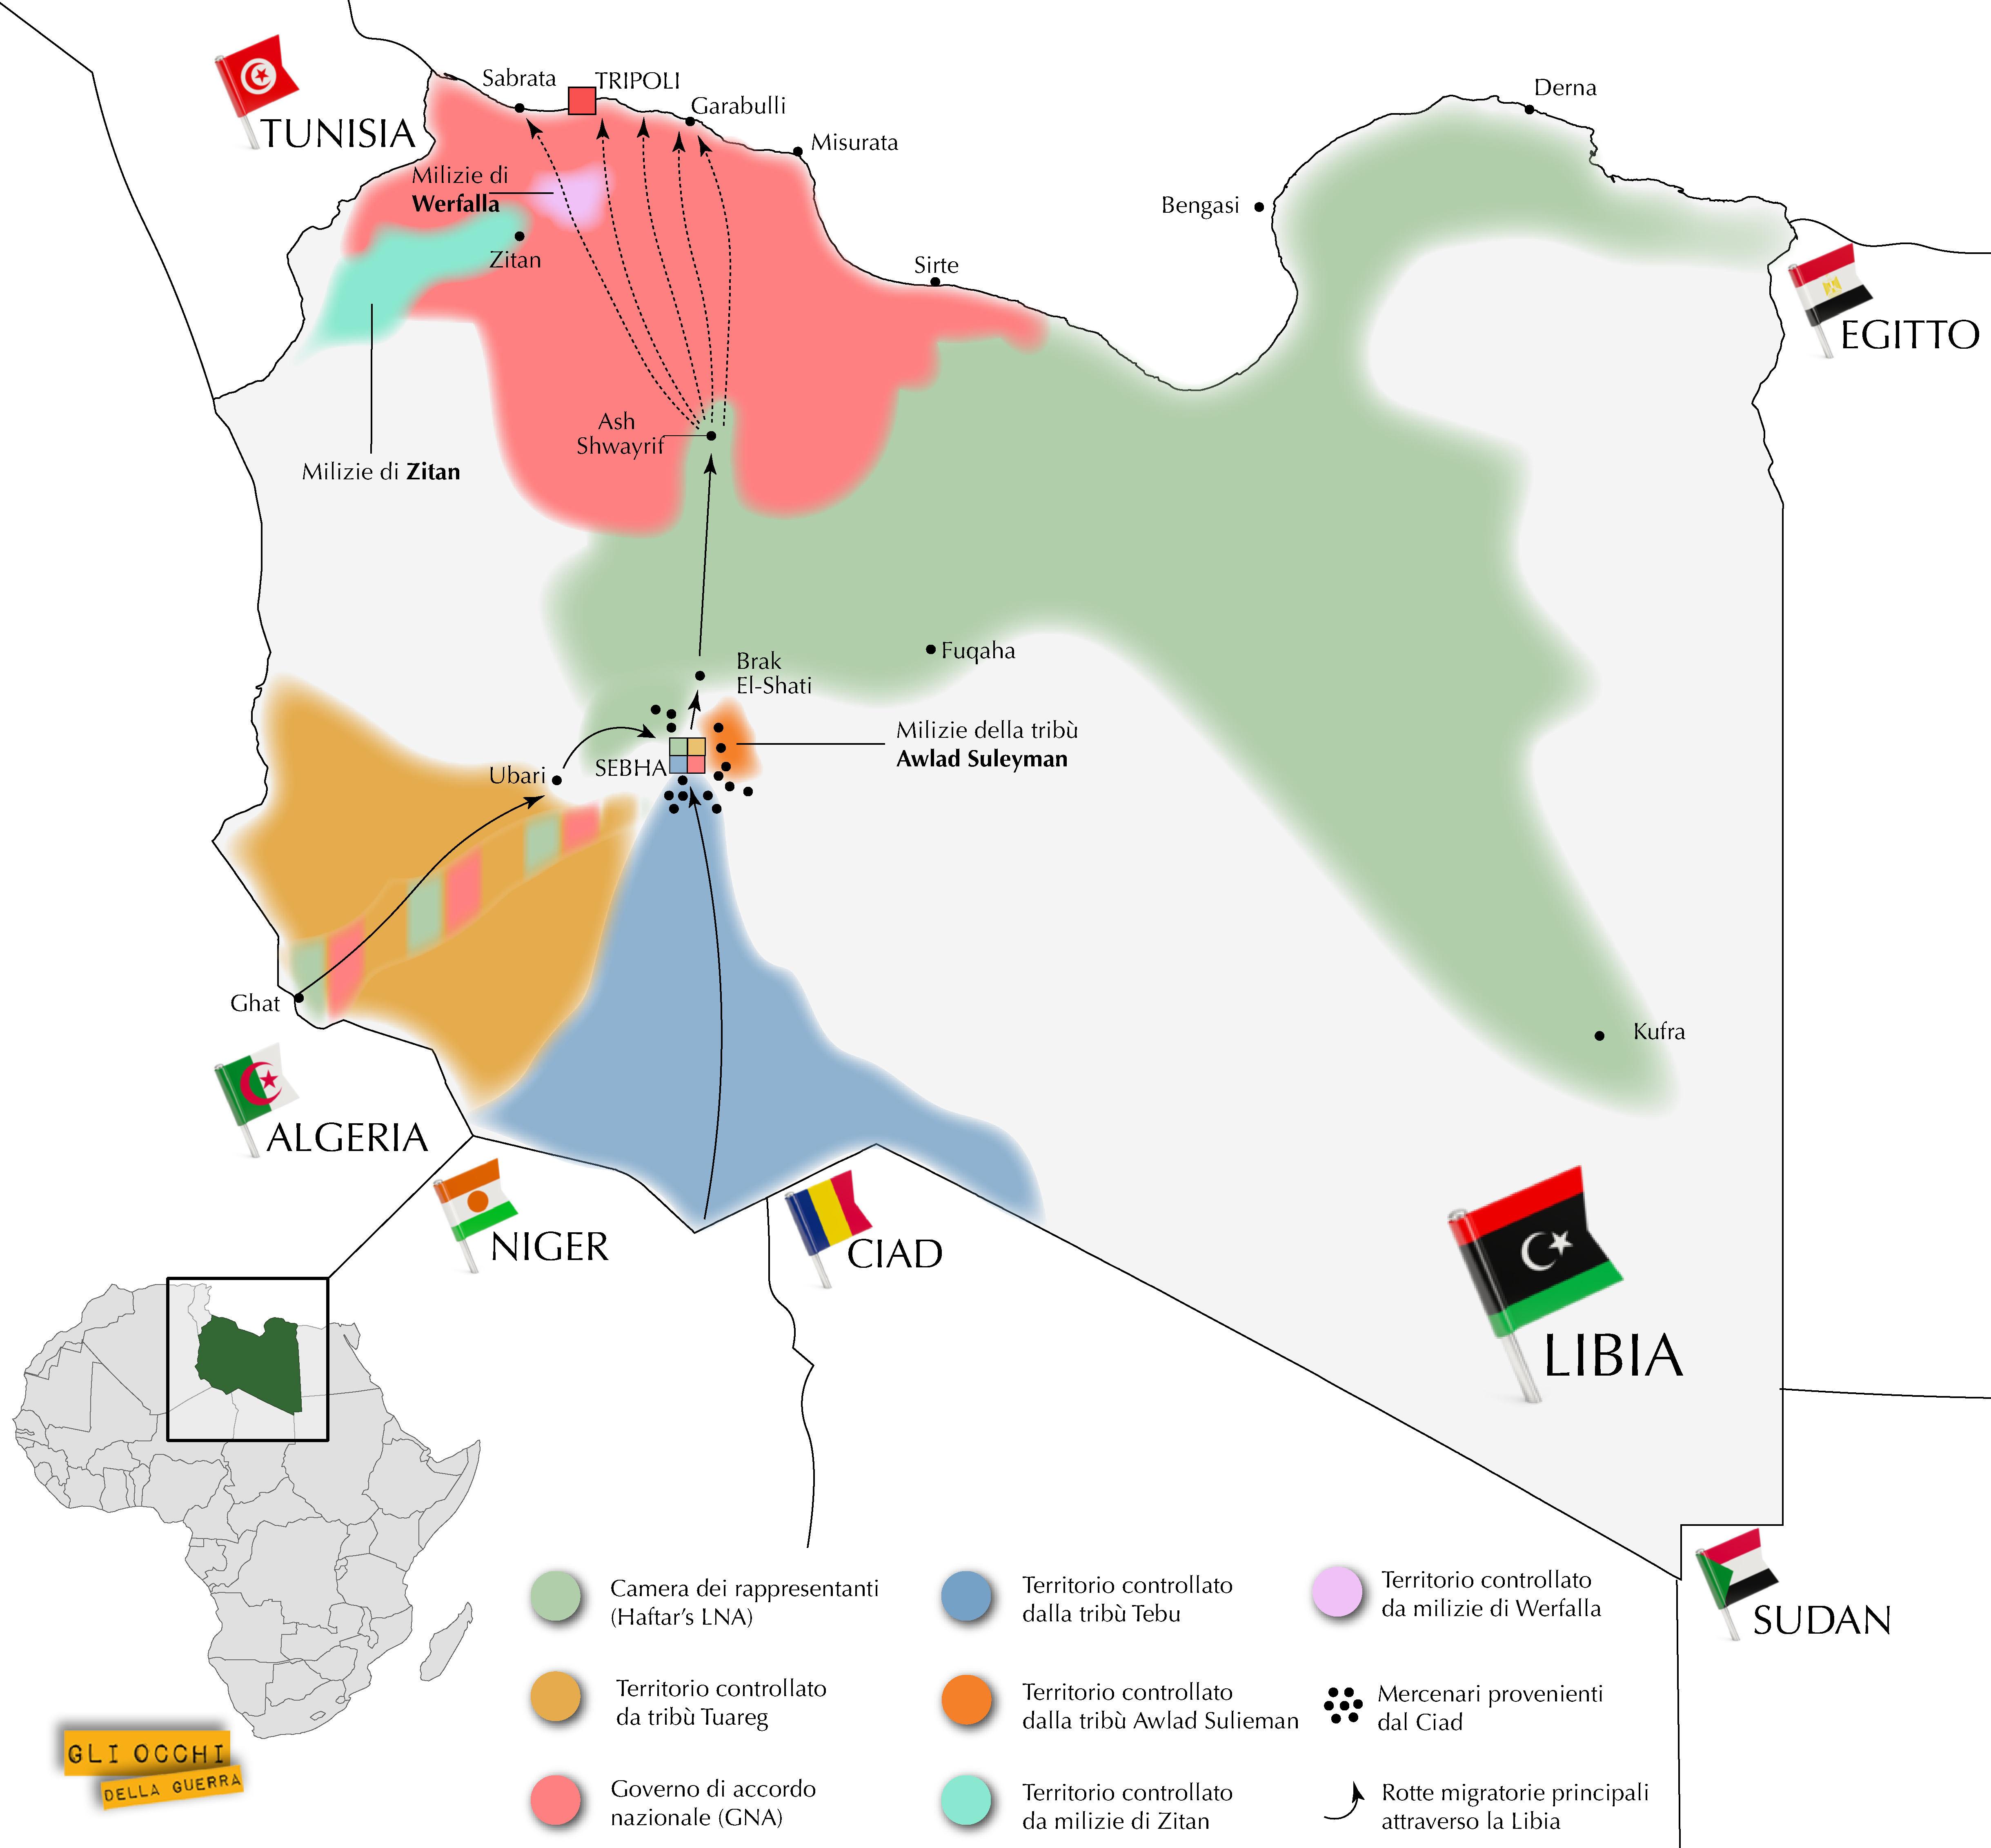 mappa libica 8 giugno 2018